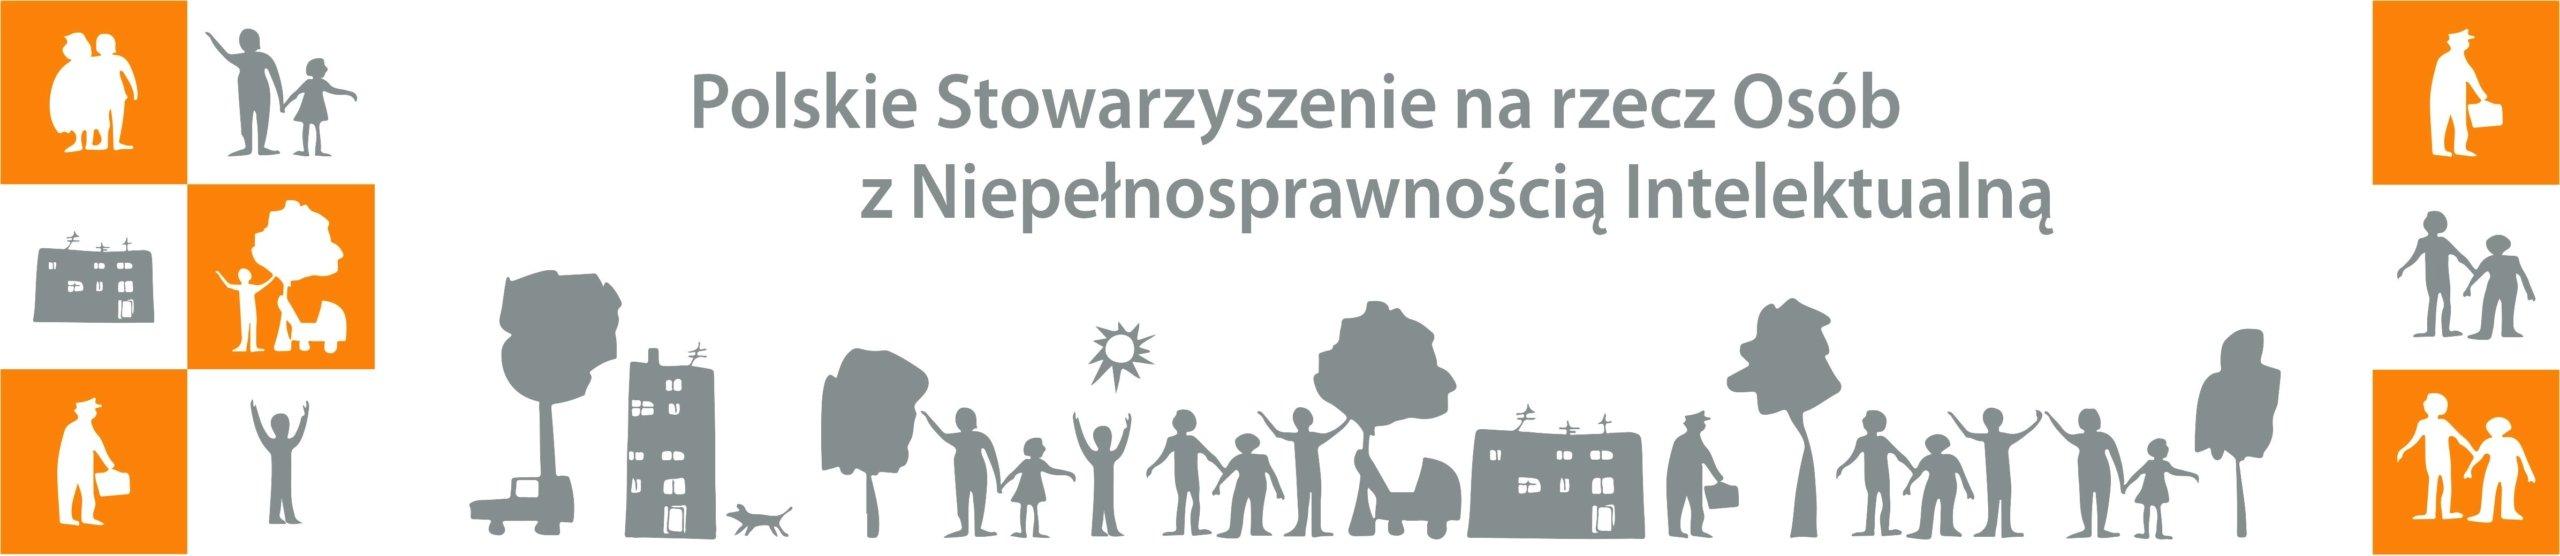 Polskie Stowarzyszenie na rzecz Osób z Niepełnosprawnością Intelektualną Koło w Wolinie